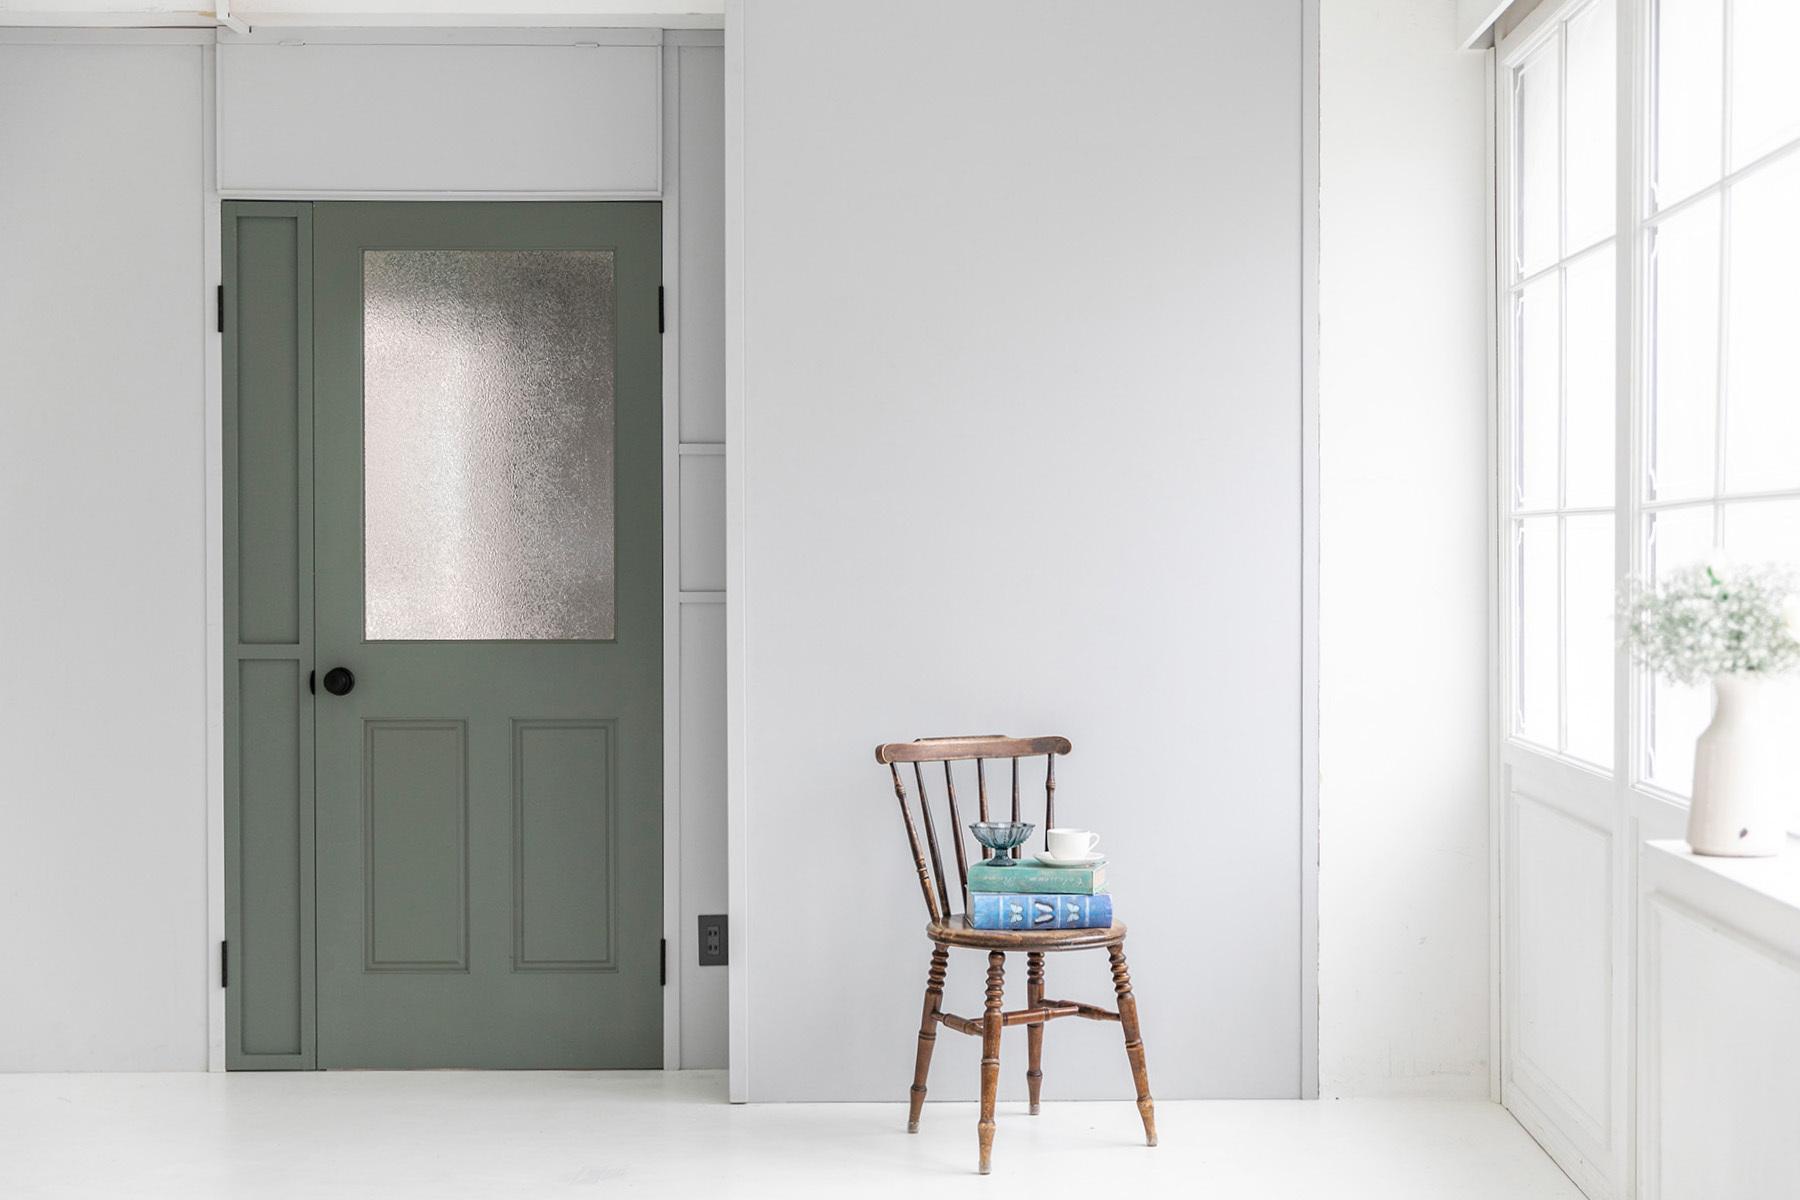 studio Mired(スタジオ ミレッド)ブルー壁